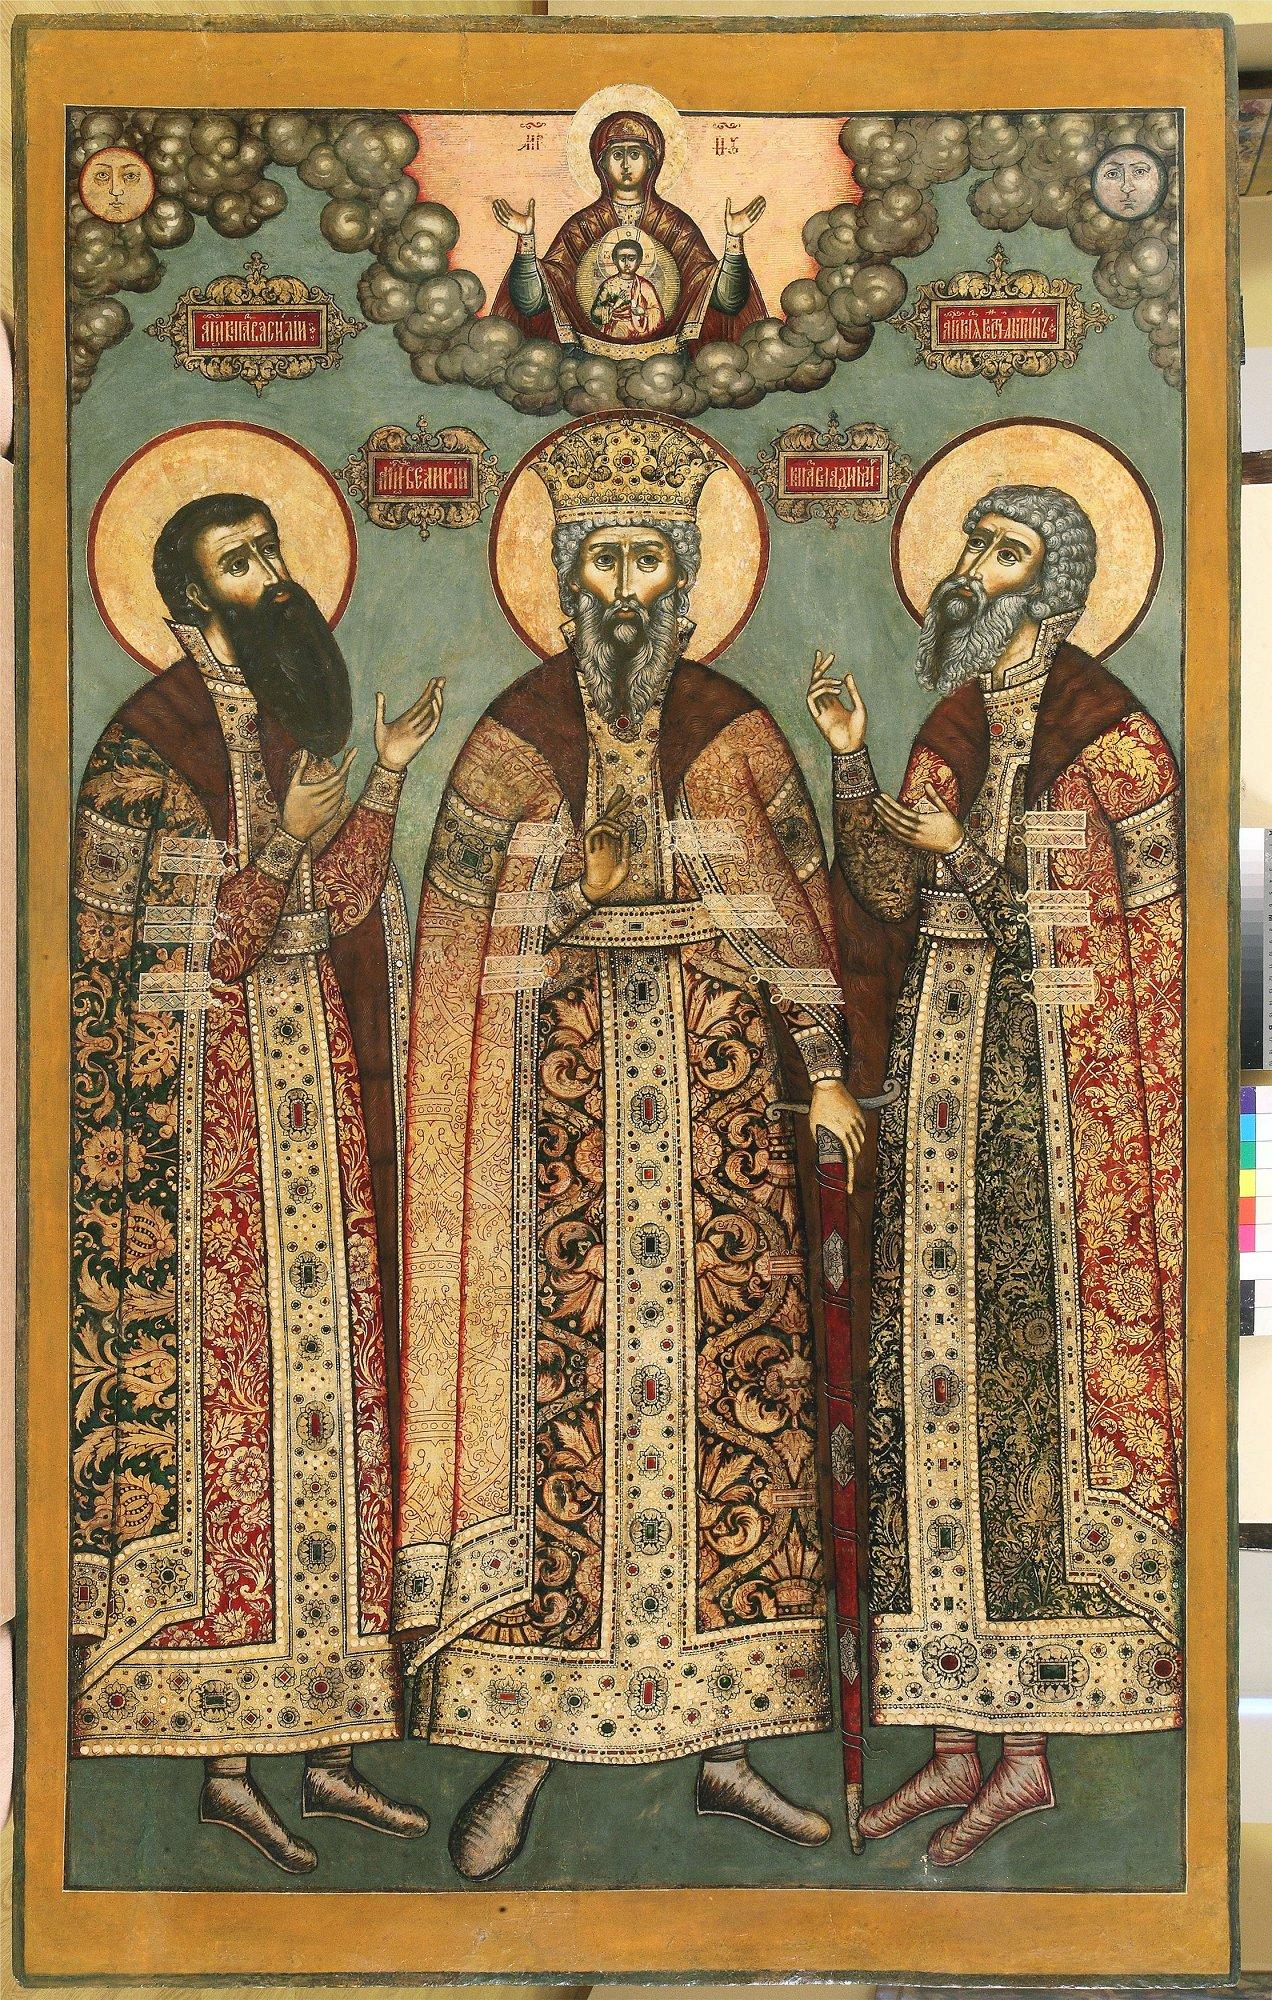 Обретение. Иконы из собрания Ярославского художественного музея смотреть фото